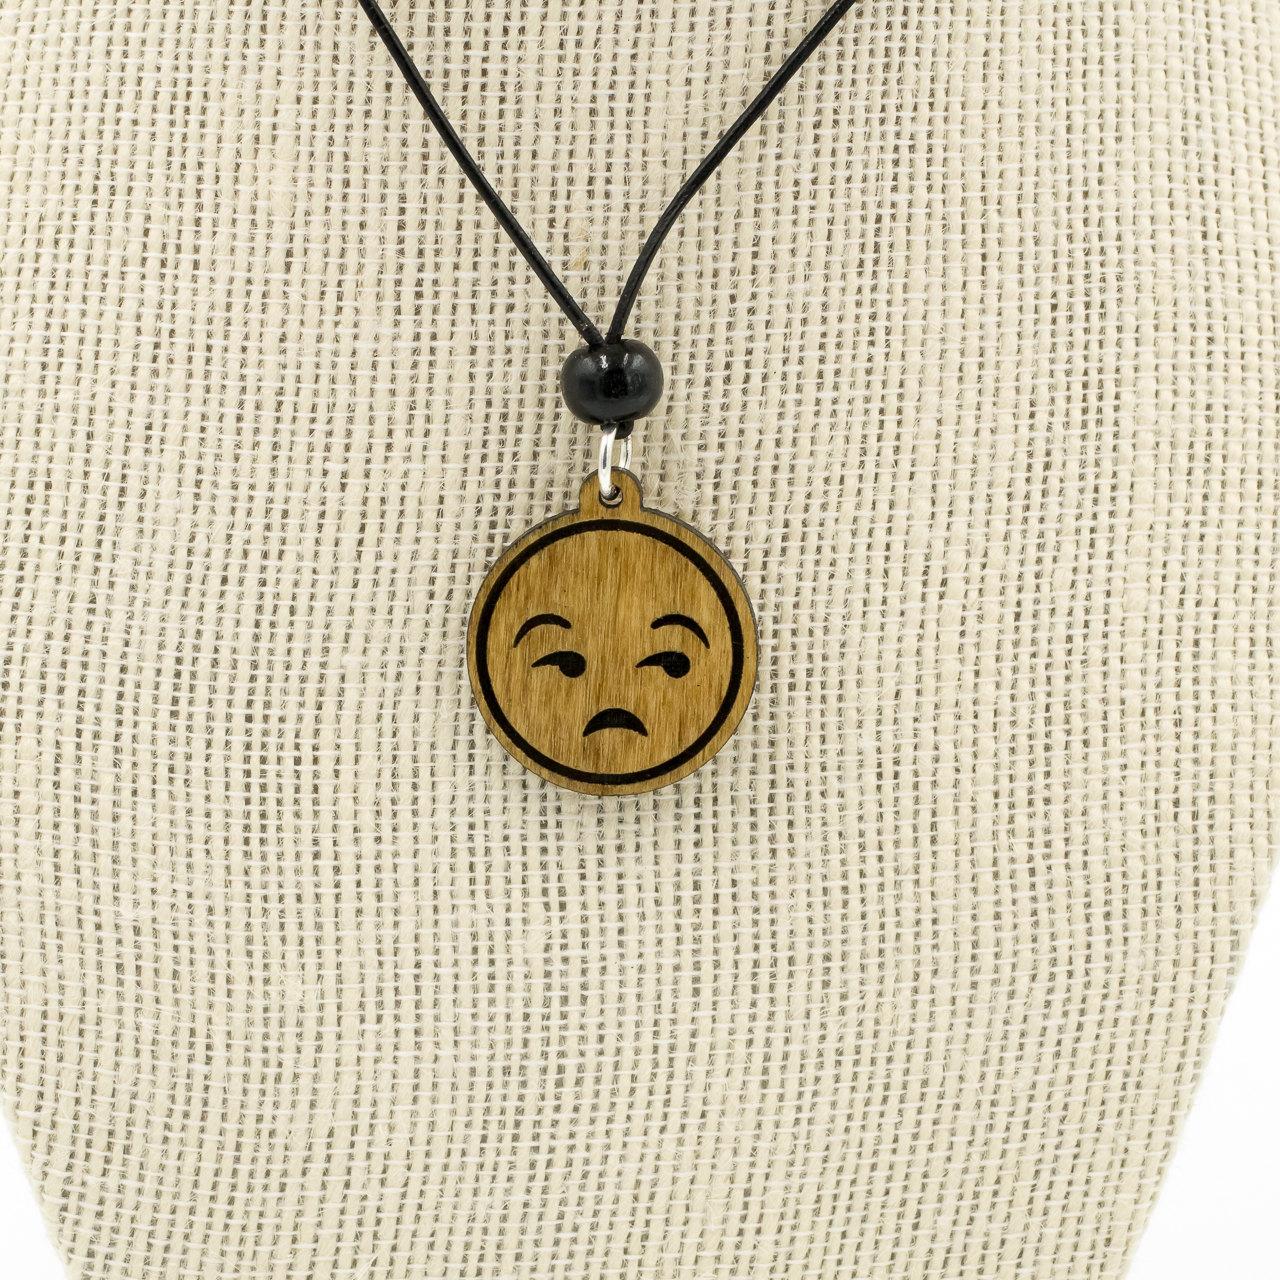 Unamused Emoji Wooden Charm Necklace Eye Roll Emoji Carved.